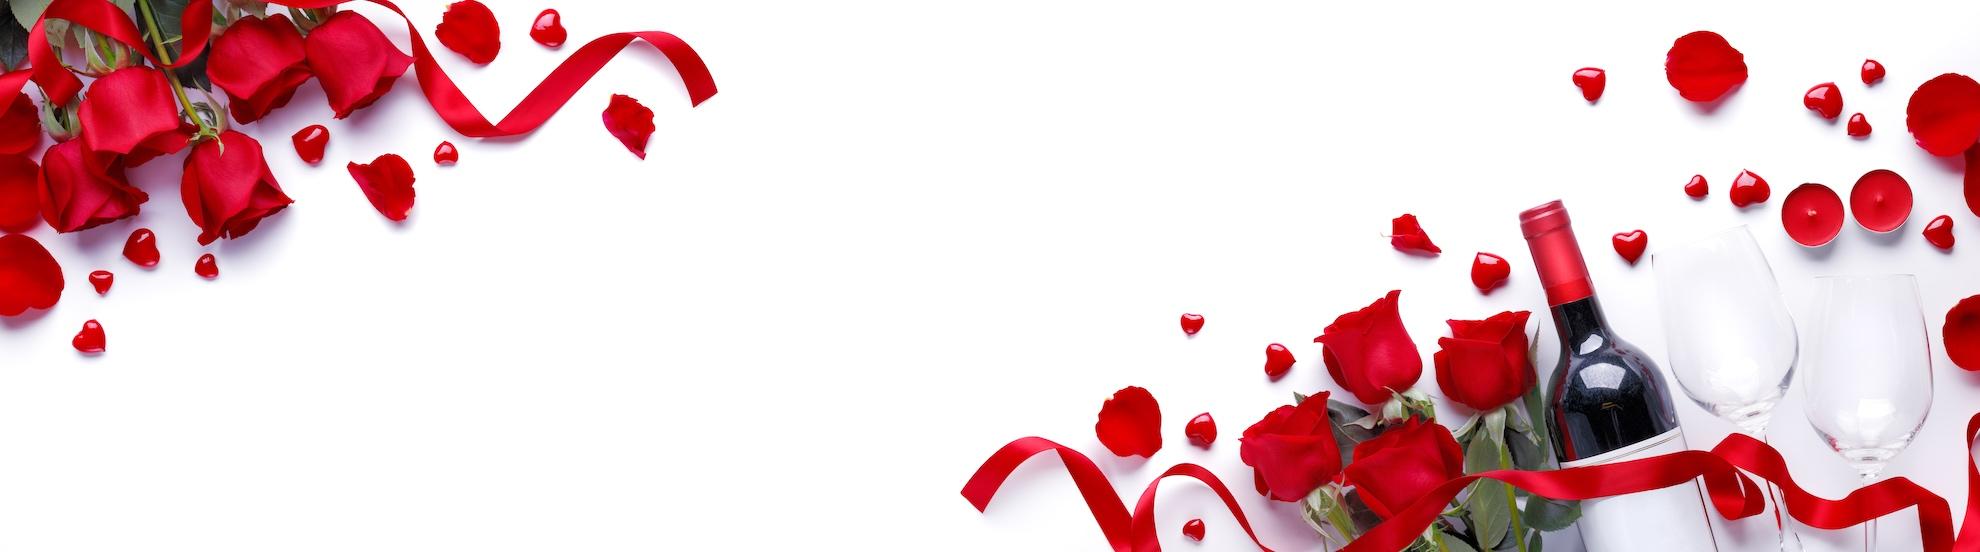 Verliebte Paare an Valentinstag: Ursprung, Geschichte und Bräuche